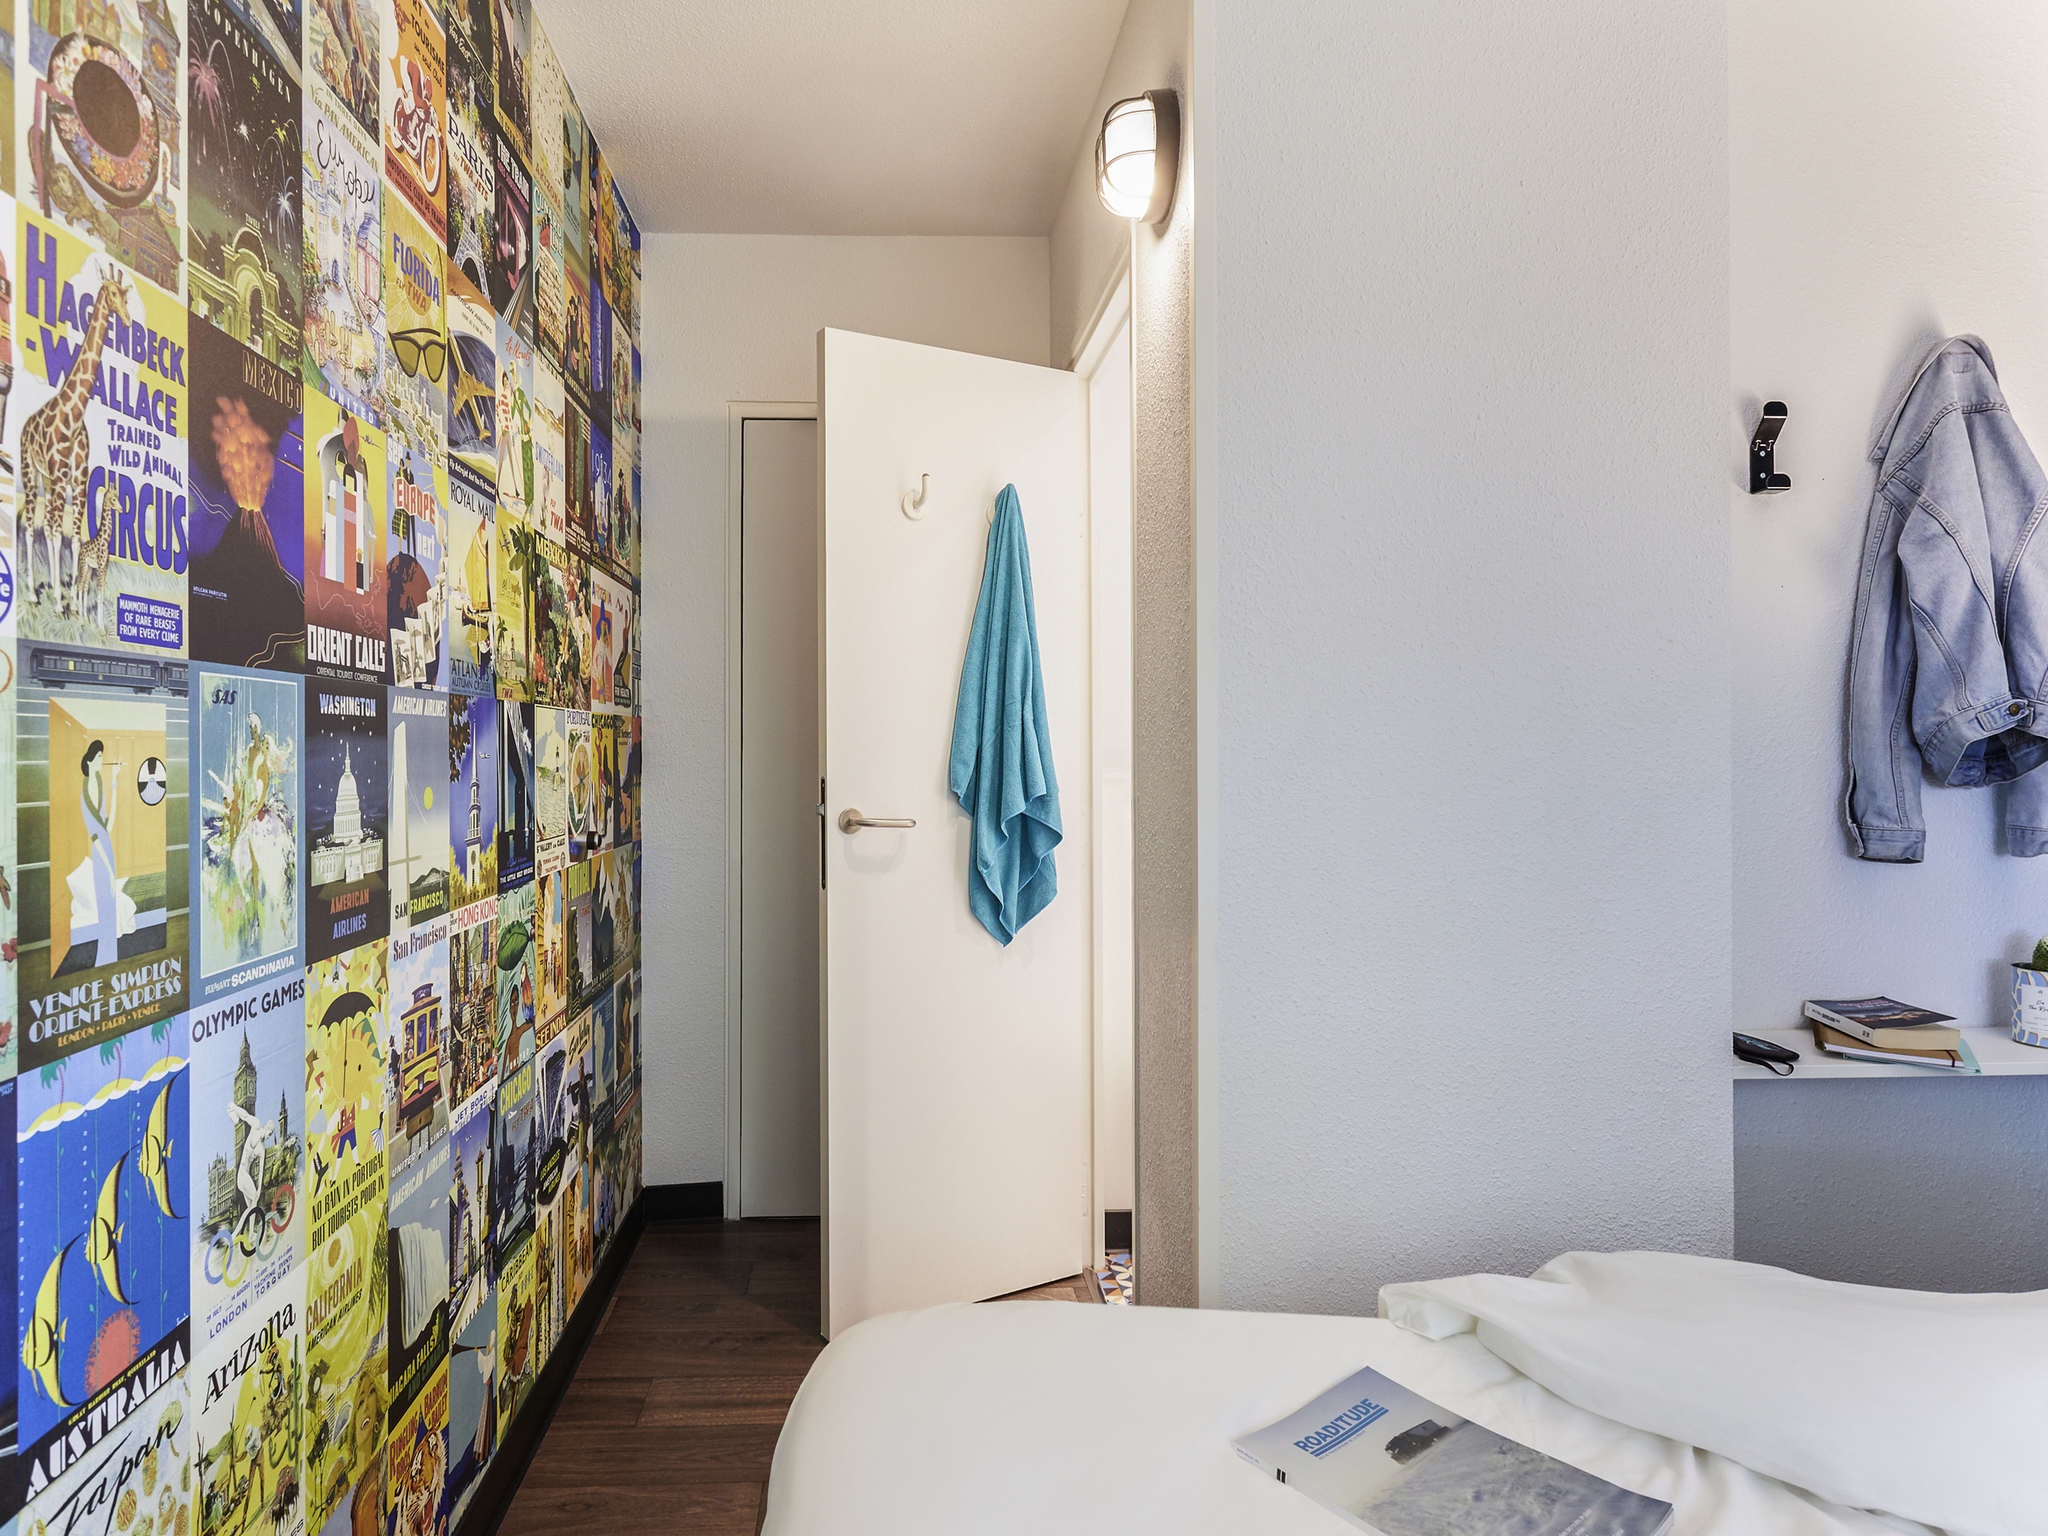 فندق - hotelF1 Marne-la-Vallée Collégien (rénové)